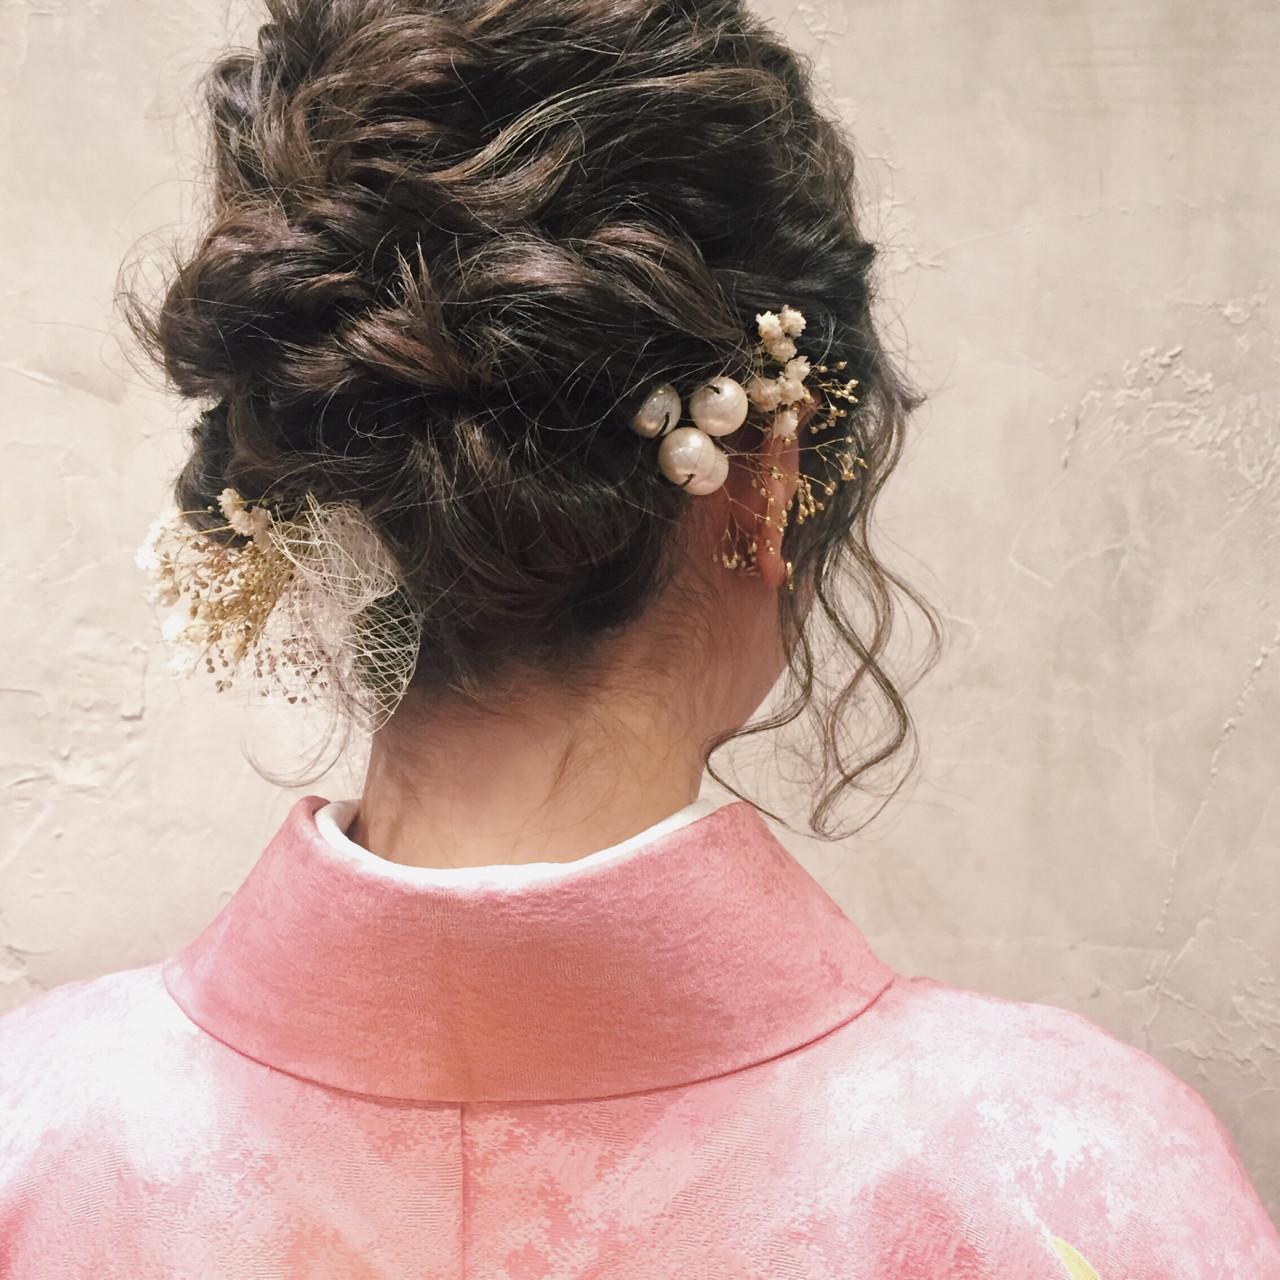 着物 ヘアアレンジ ミディアム 成人式 ヘアスタイルや髪型の写真・画像